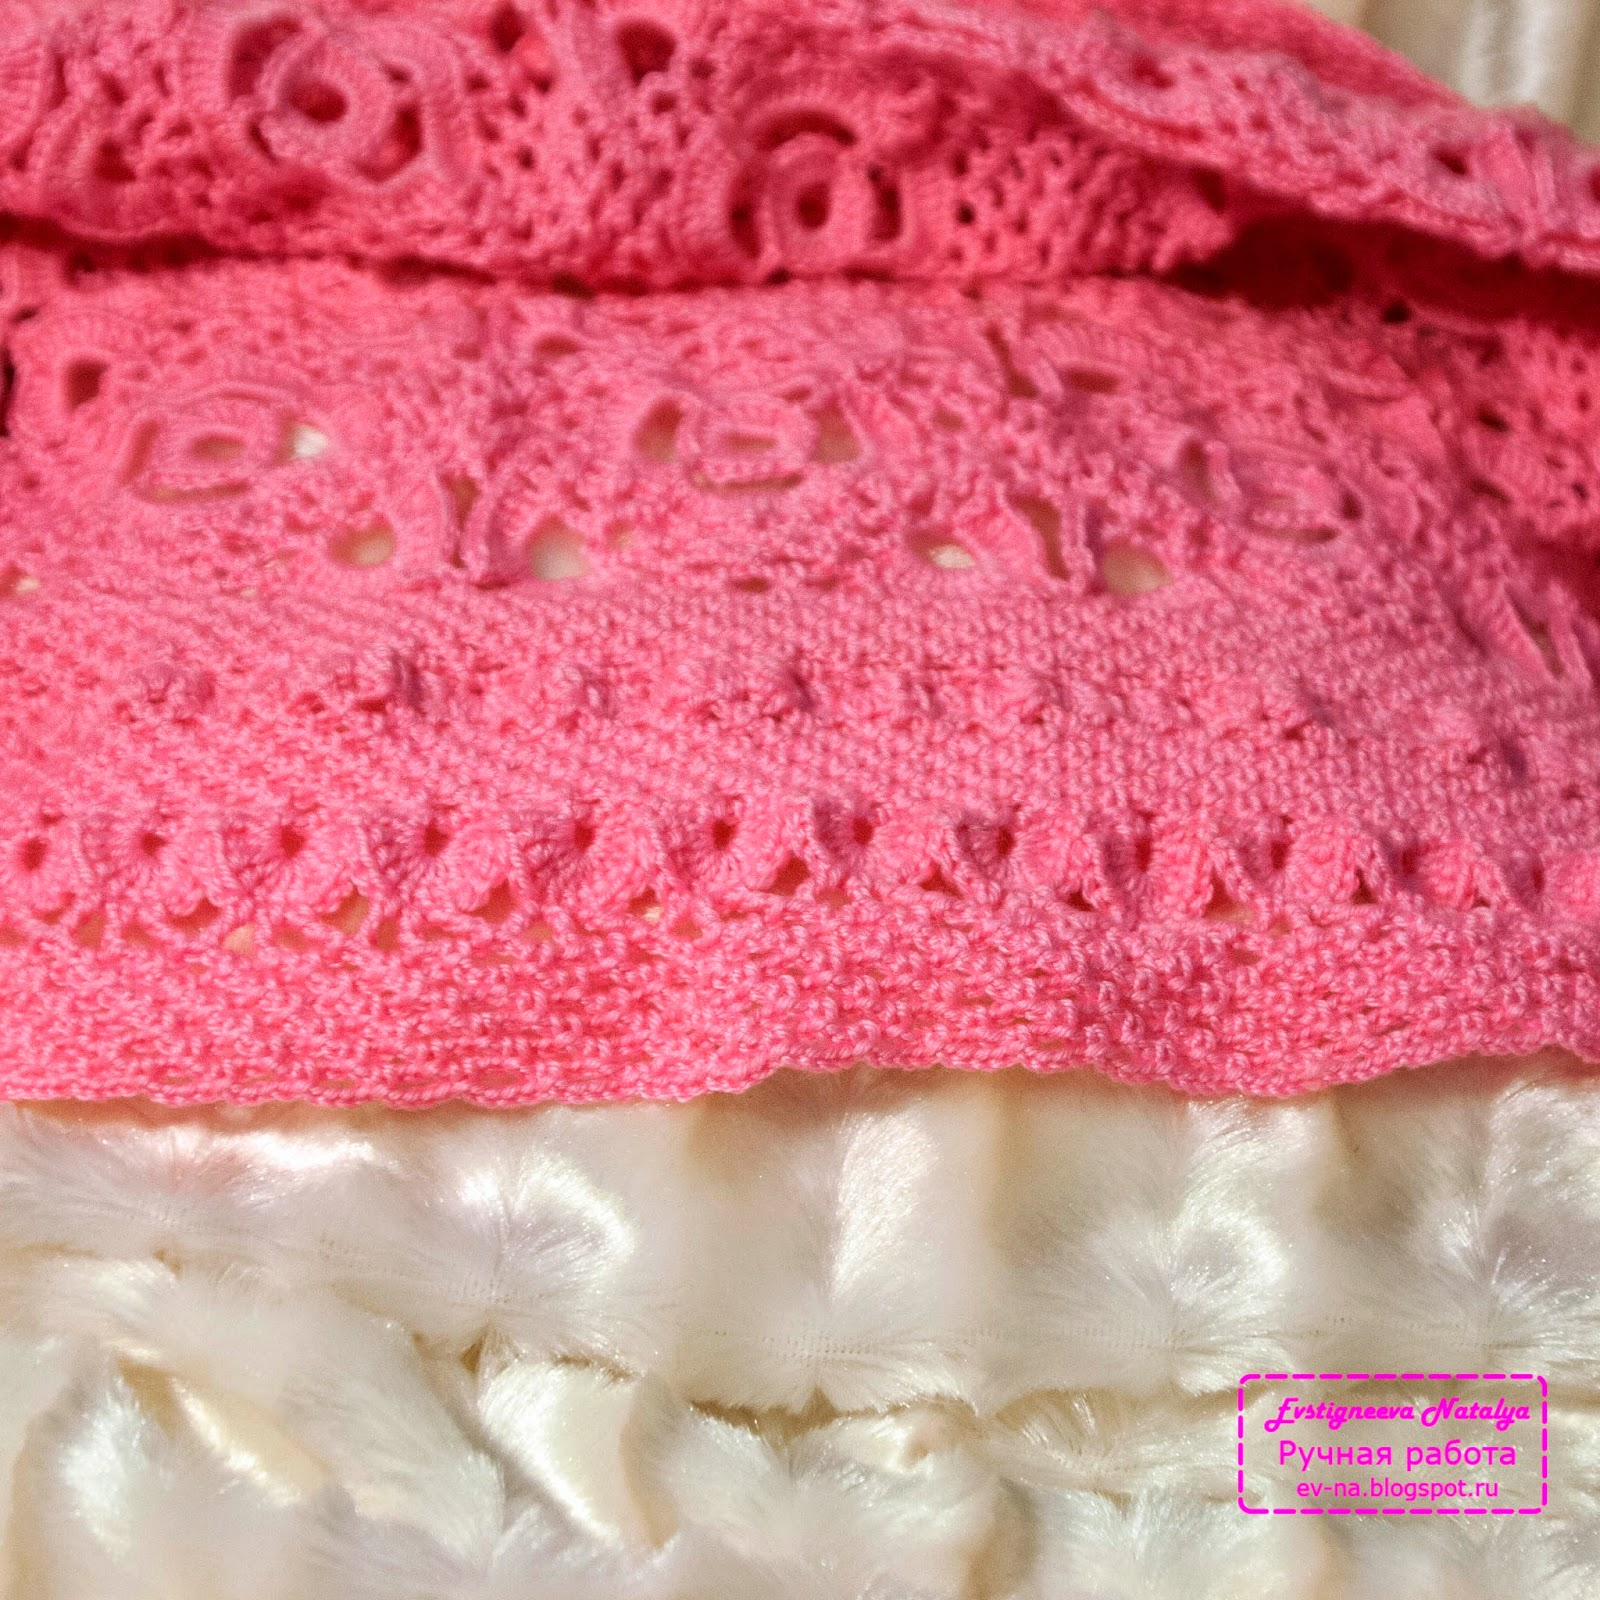 Красивое вязание крючком для девочек 3 лет